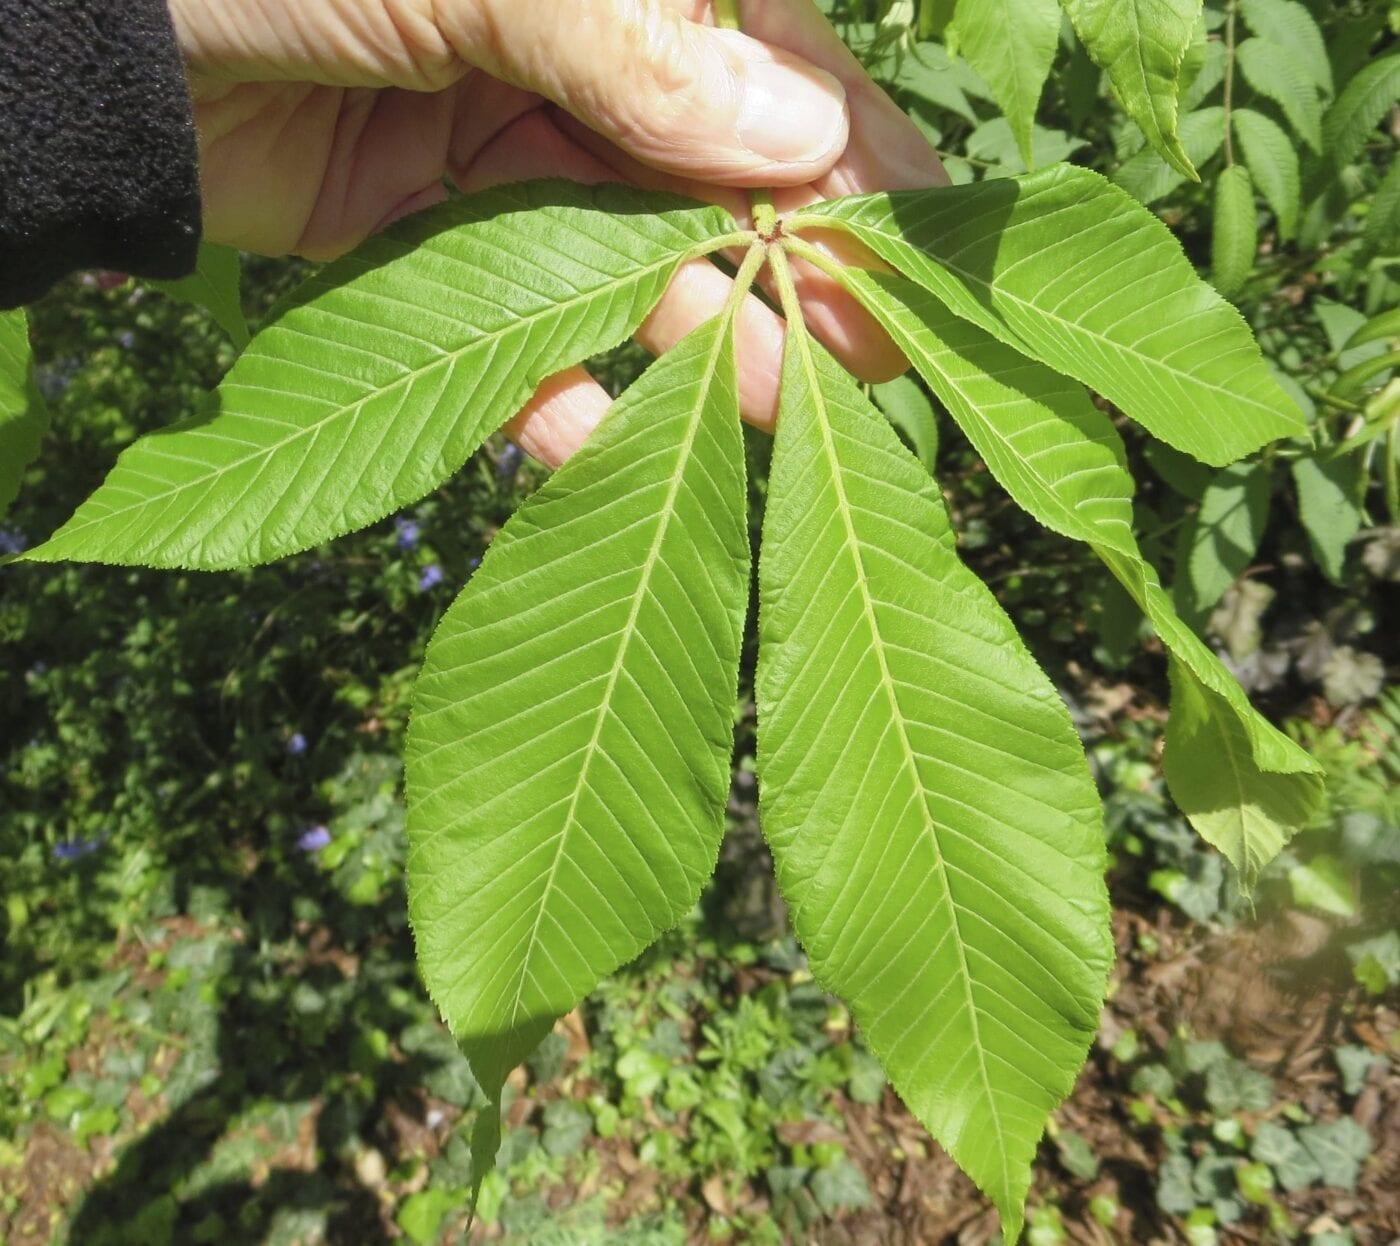 Yellow Buckeye leaf